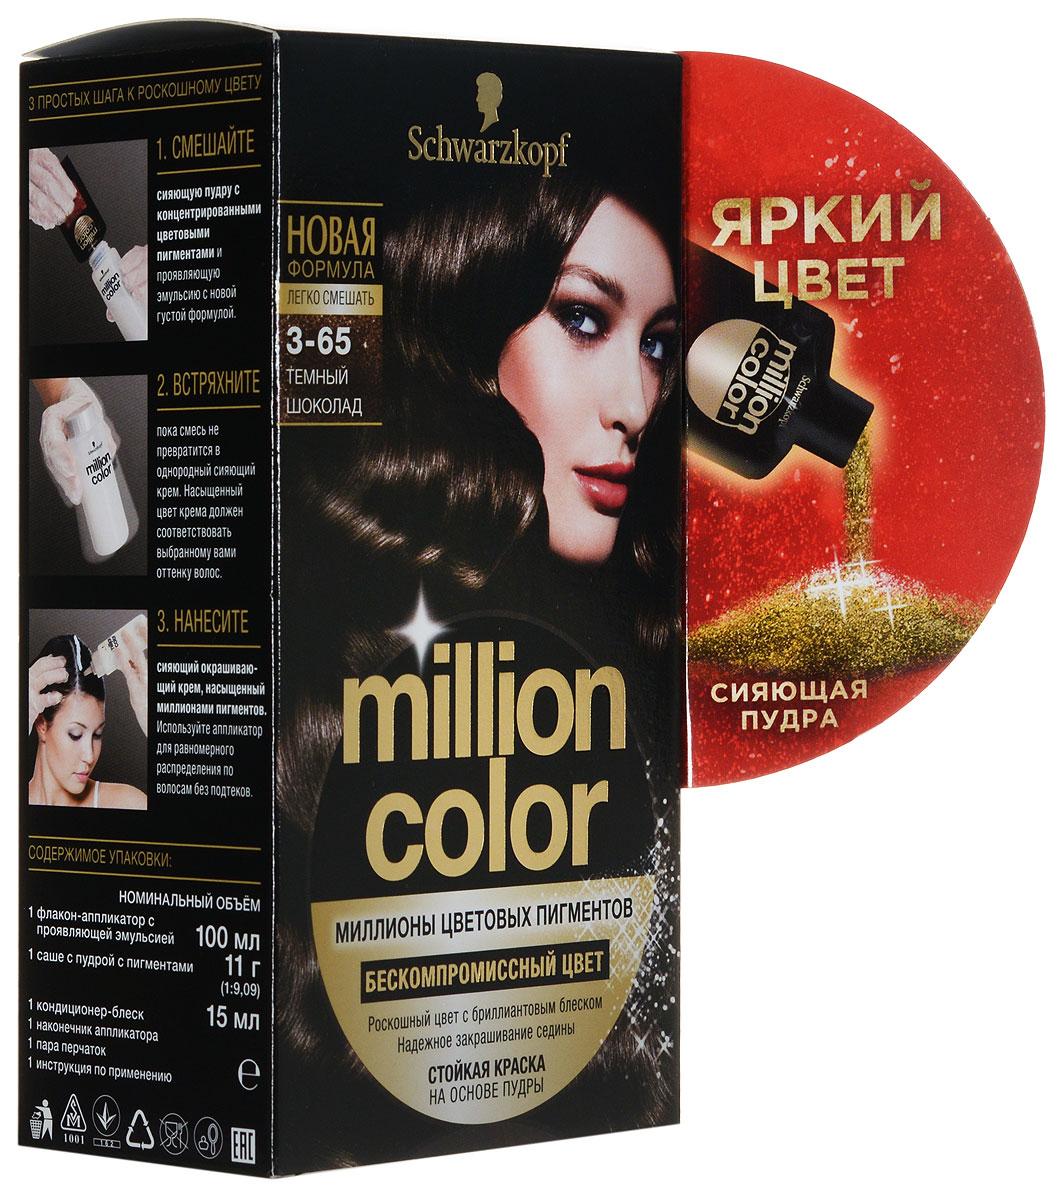 Schwarzkopf Краска для волос Million Color, 3-65. Темный Шоколад934500365Краска для волос Schwarzkopf Million Color - первая стойкая интенсивная крем-краска на основе пудры с миллионами красящих пигментов. Чистые цветовые пигменты при смешивании с проявляющей эмульсией превращаются в роскошную сияющую крем-краску. Простое смешивание и нанесение, не течет! Насладитесь невероятной интенсивностью! Превосходный насыщенный стойкий цвет. Надежное закрашивание седины. Кондиционер-блеск для интенсивного ухода и сияющего цвета с блестящими переливами. Способ применения: возьмите саше с сияющей пудрой за уголок и встряхните его, чтобы пигменты осели на дне саше. Пересыпьте пудру с красящими пигментами во флакон с проявляющей эмульсией и тщательно встряхните до образования однородного блестящего крема. Теперь насыщенный, роскошный окрашивающий крем можно легко нанести на волосы и распределить по всей длине, без подтеков. Характеристики: Номер краски: 10-1. Цвет: ультра-блонд. Степень стойкости: 3 (обеспечивает стойкое окрашивание). ...